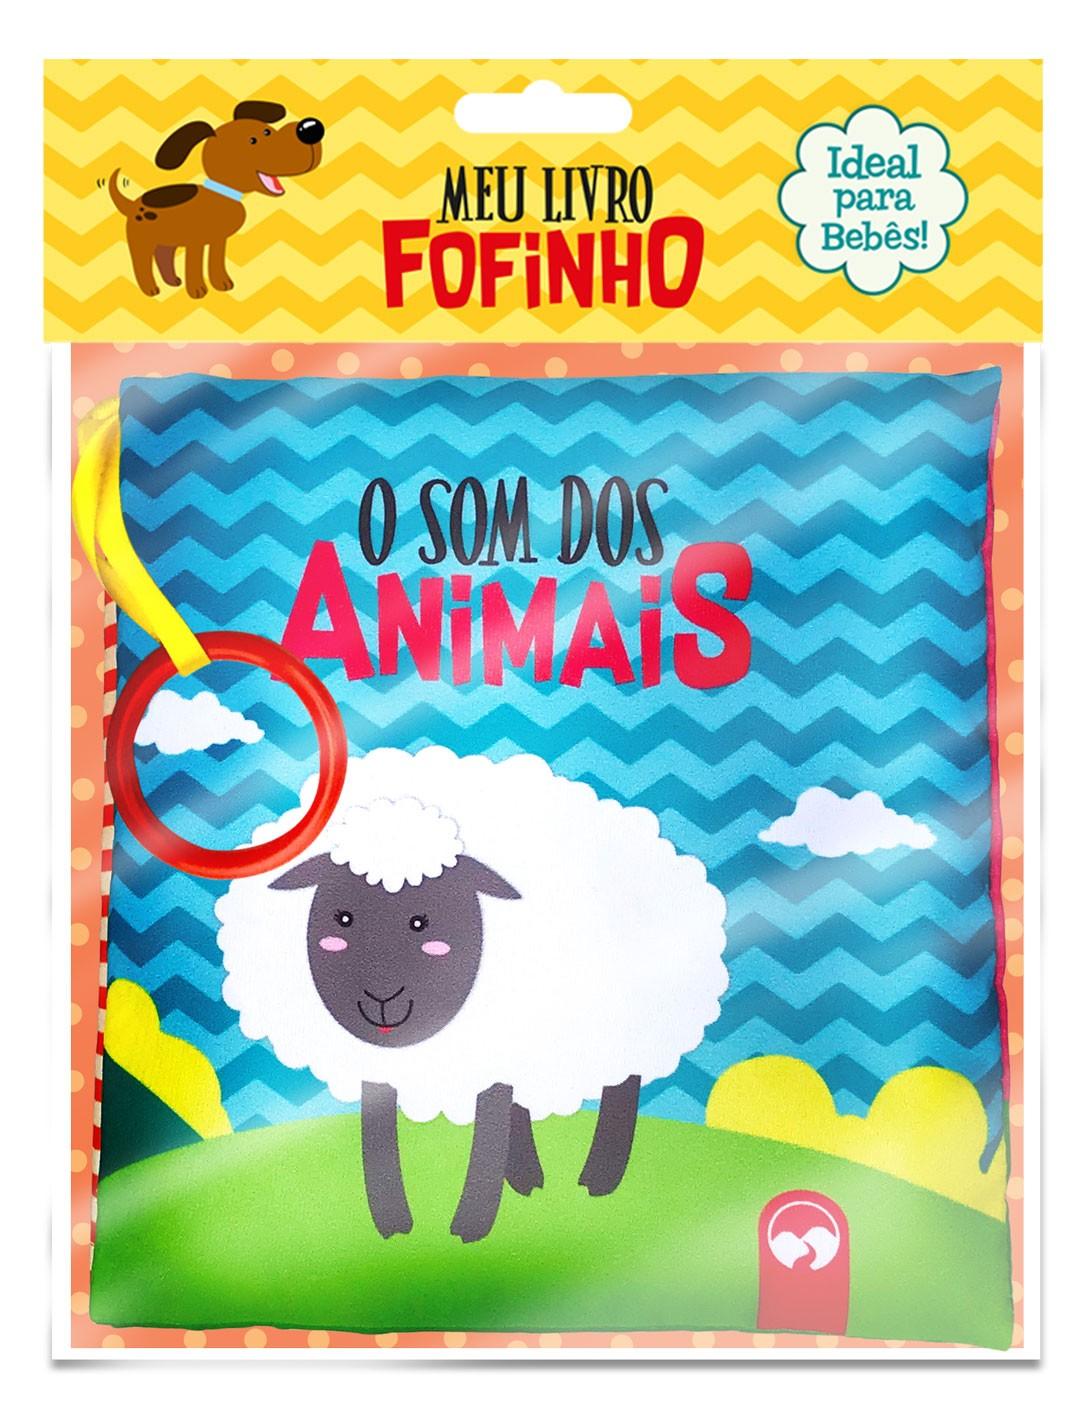 O Som dos Animais - Meu Livro Fofinho